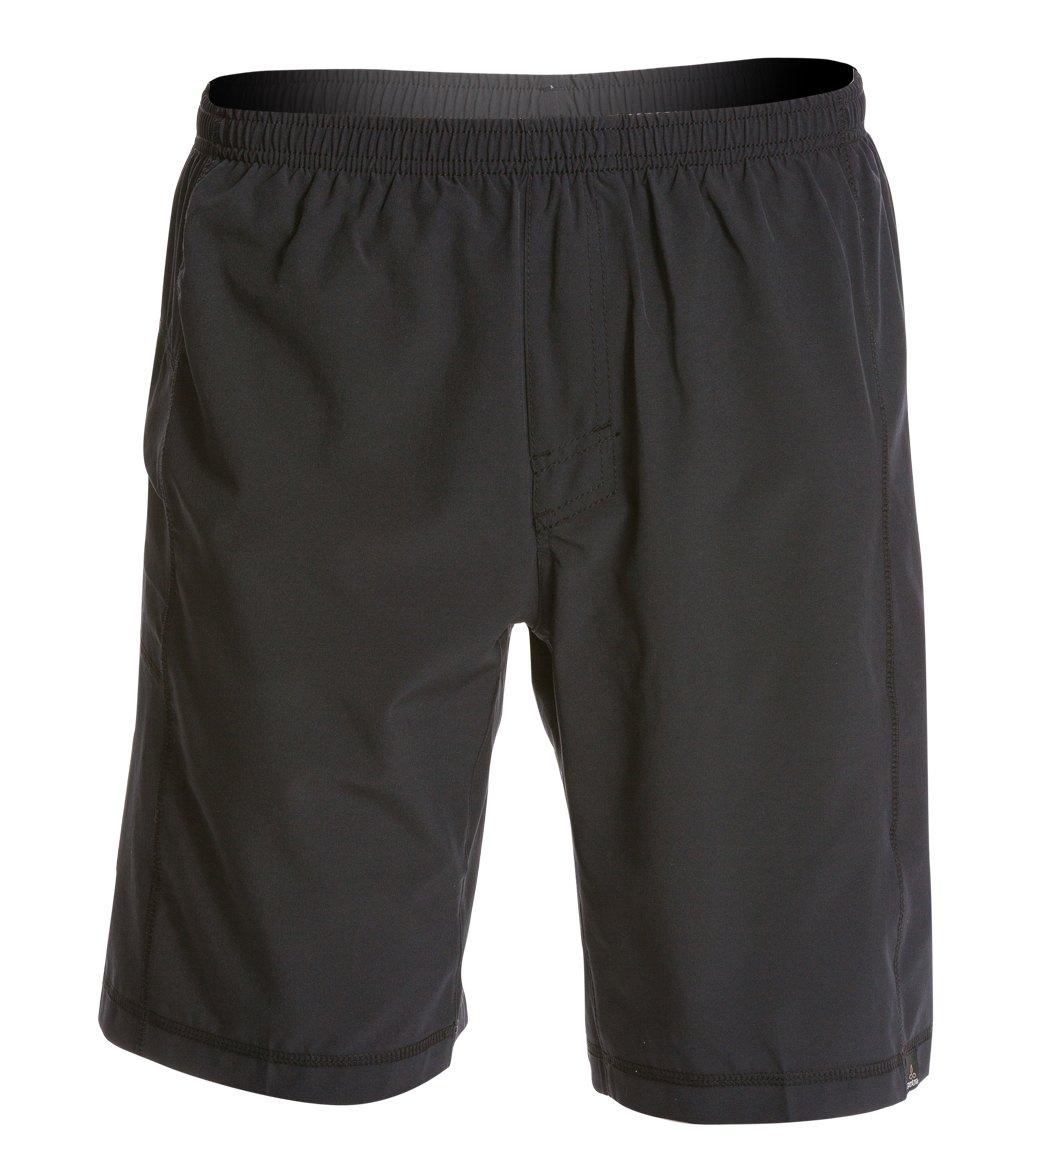 PrAna Men's Flex Yoga Shorts At SwimOutlet.com